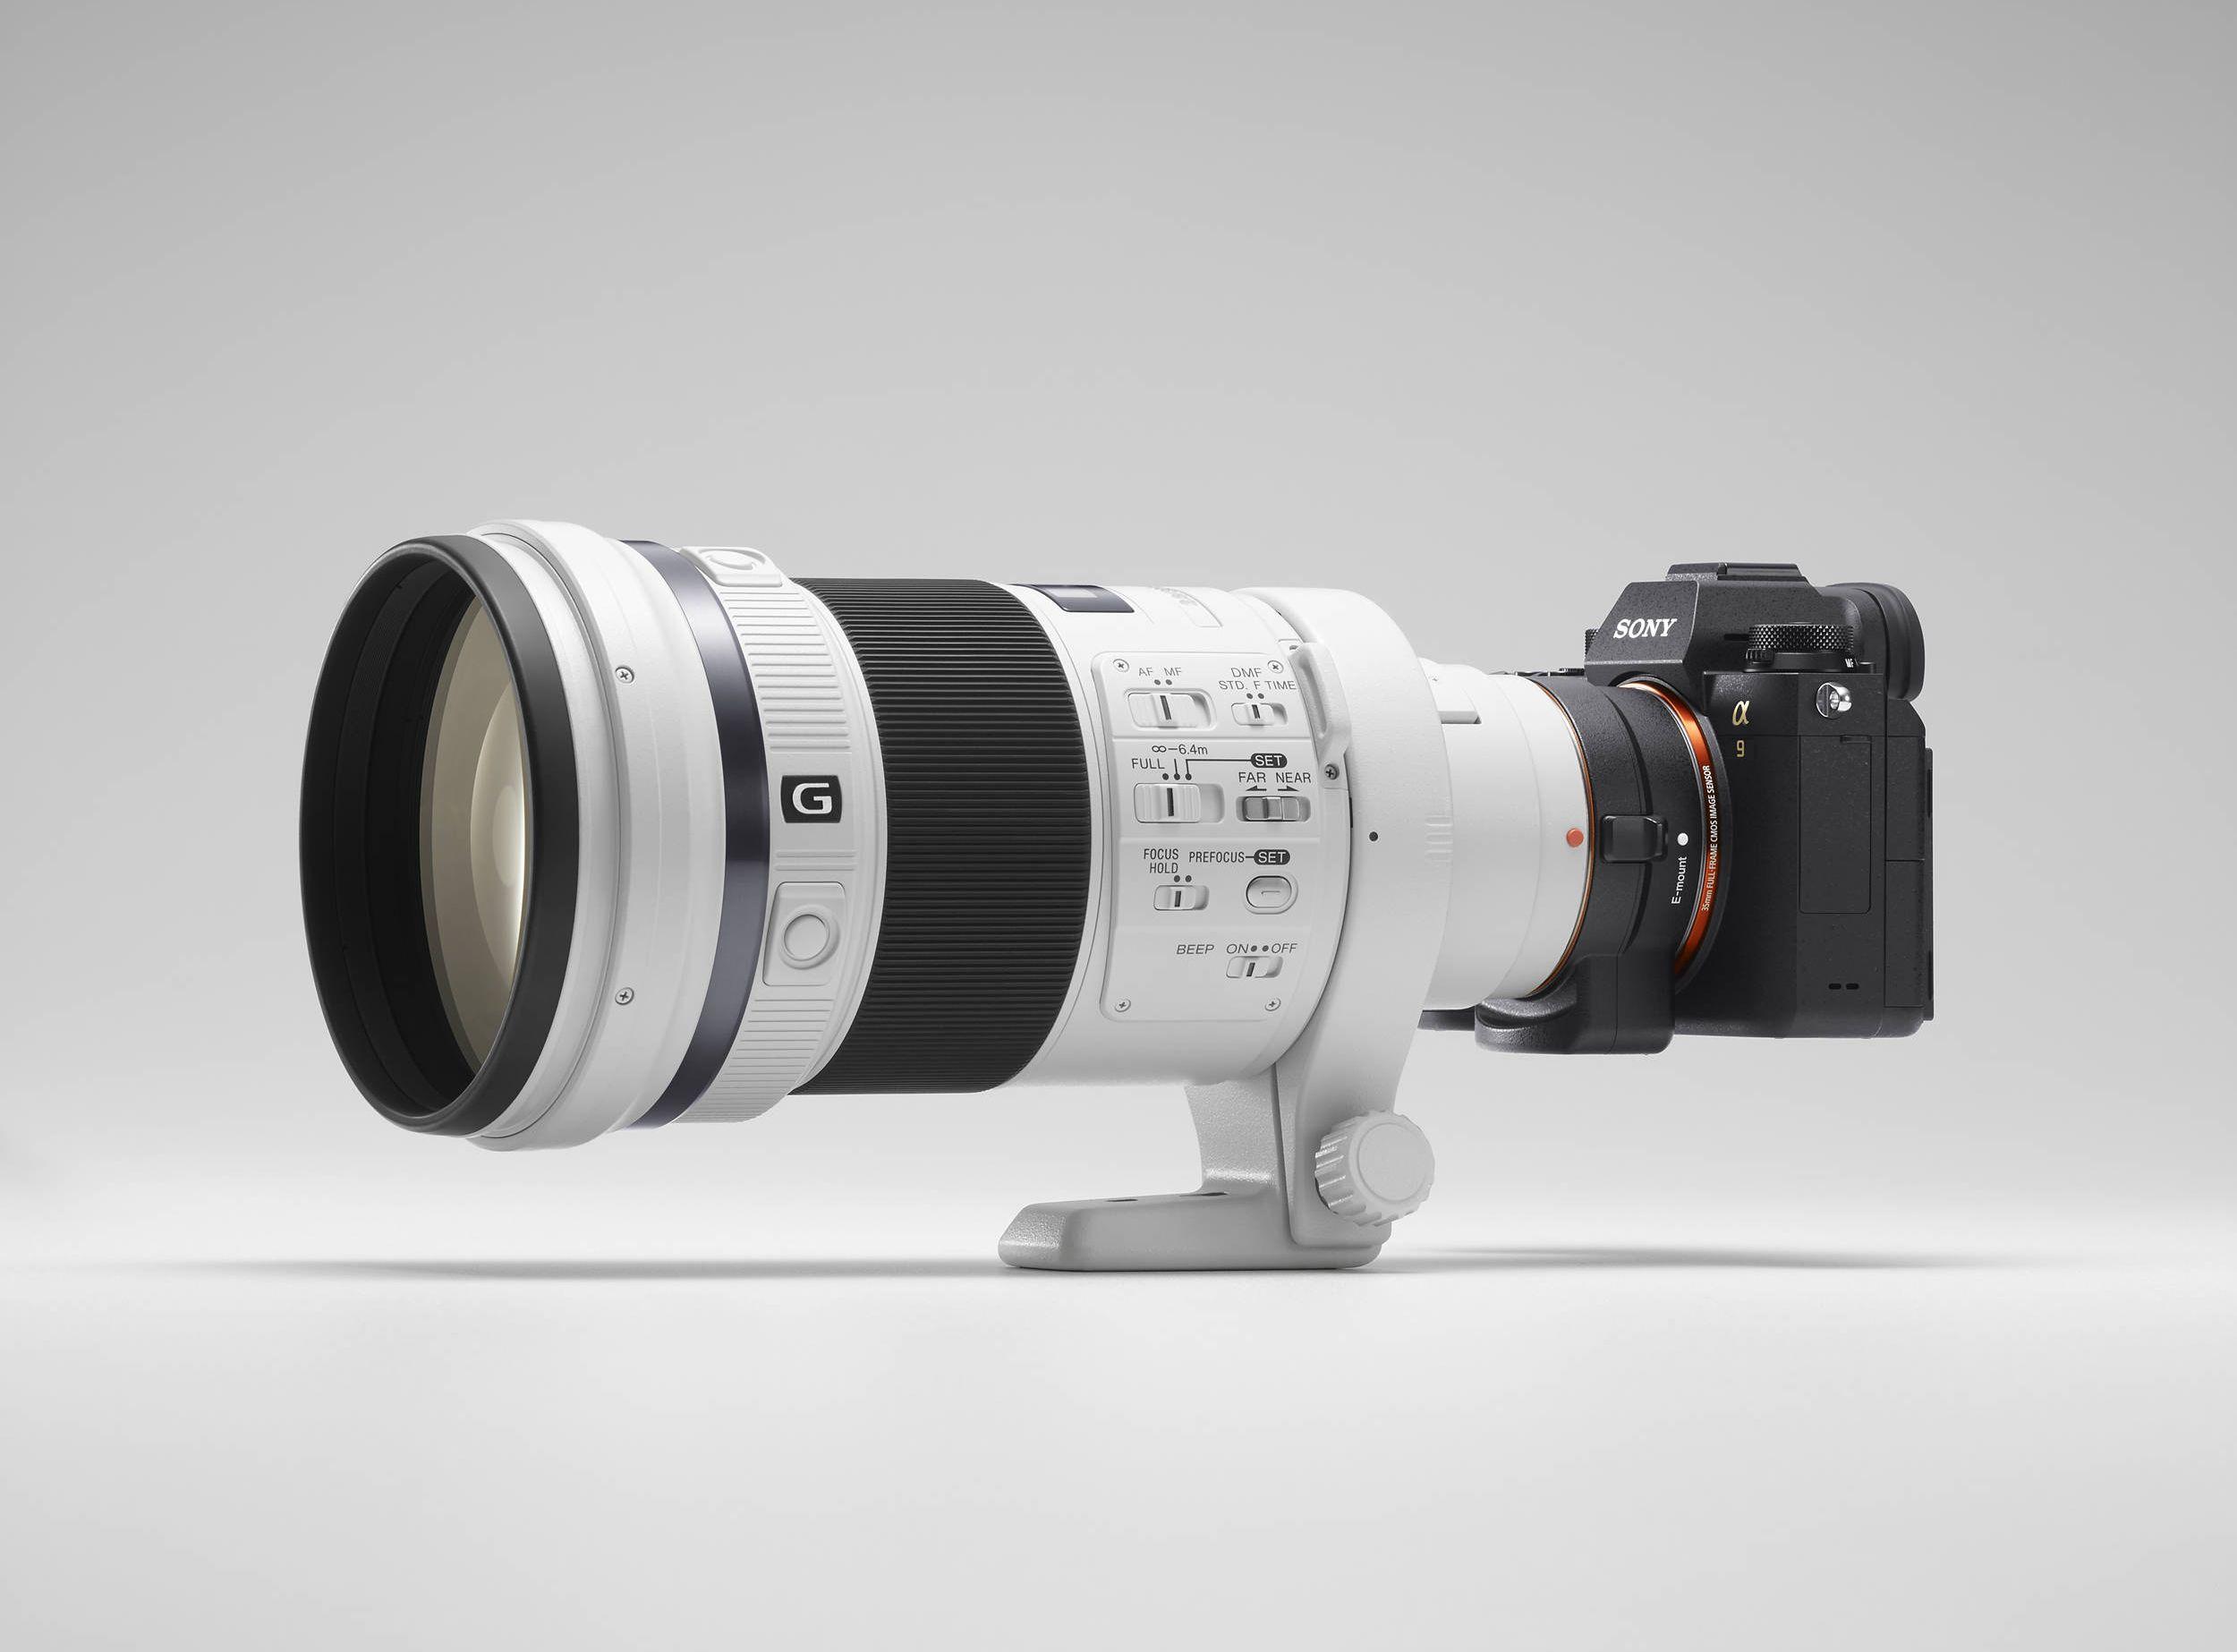 Sony Announces the Alpha a9 Full-Frame Speed Demon | B&H Explora ...